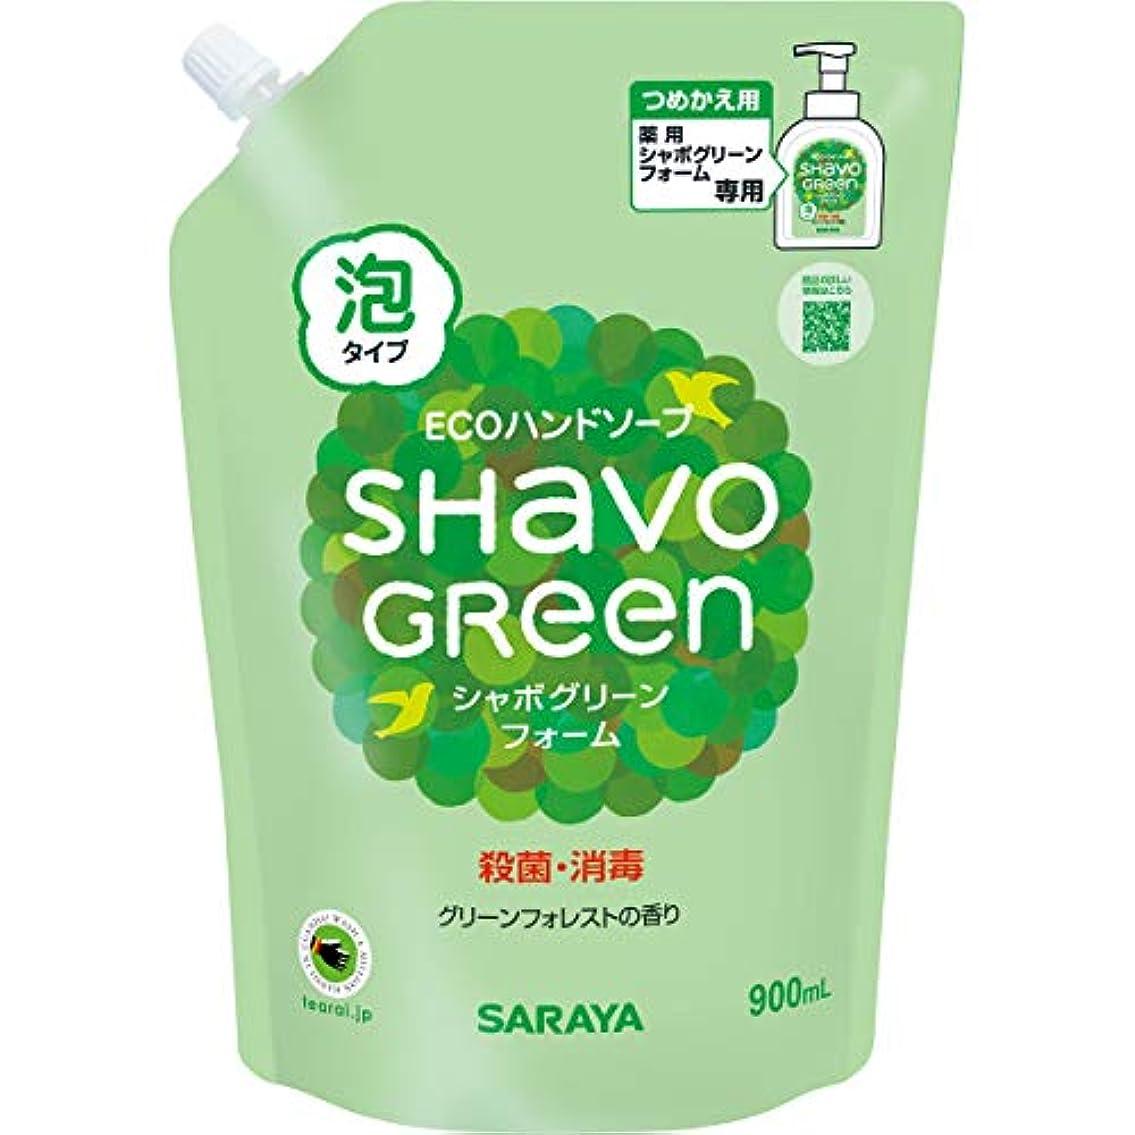 繊細テニスしっかりサラヤ シャボグリーンフォーム 900ml詰替用 石鹸